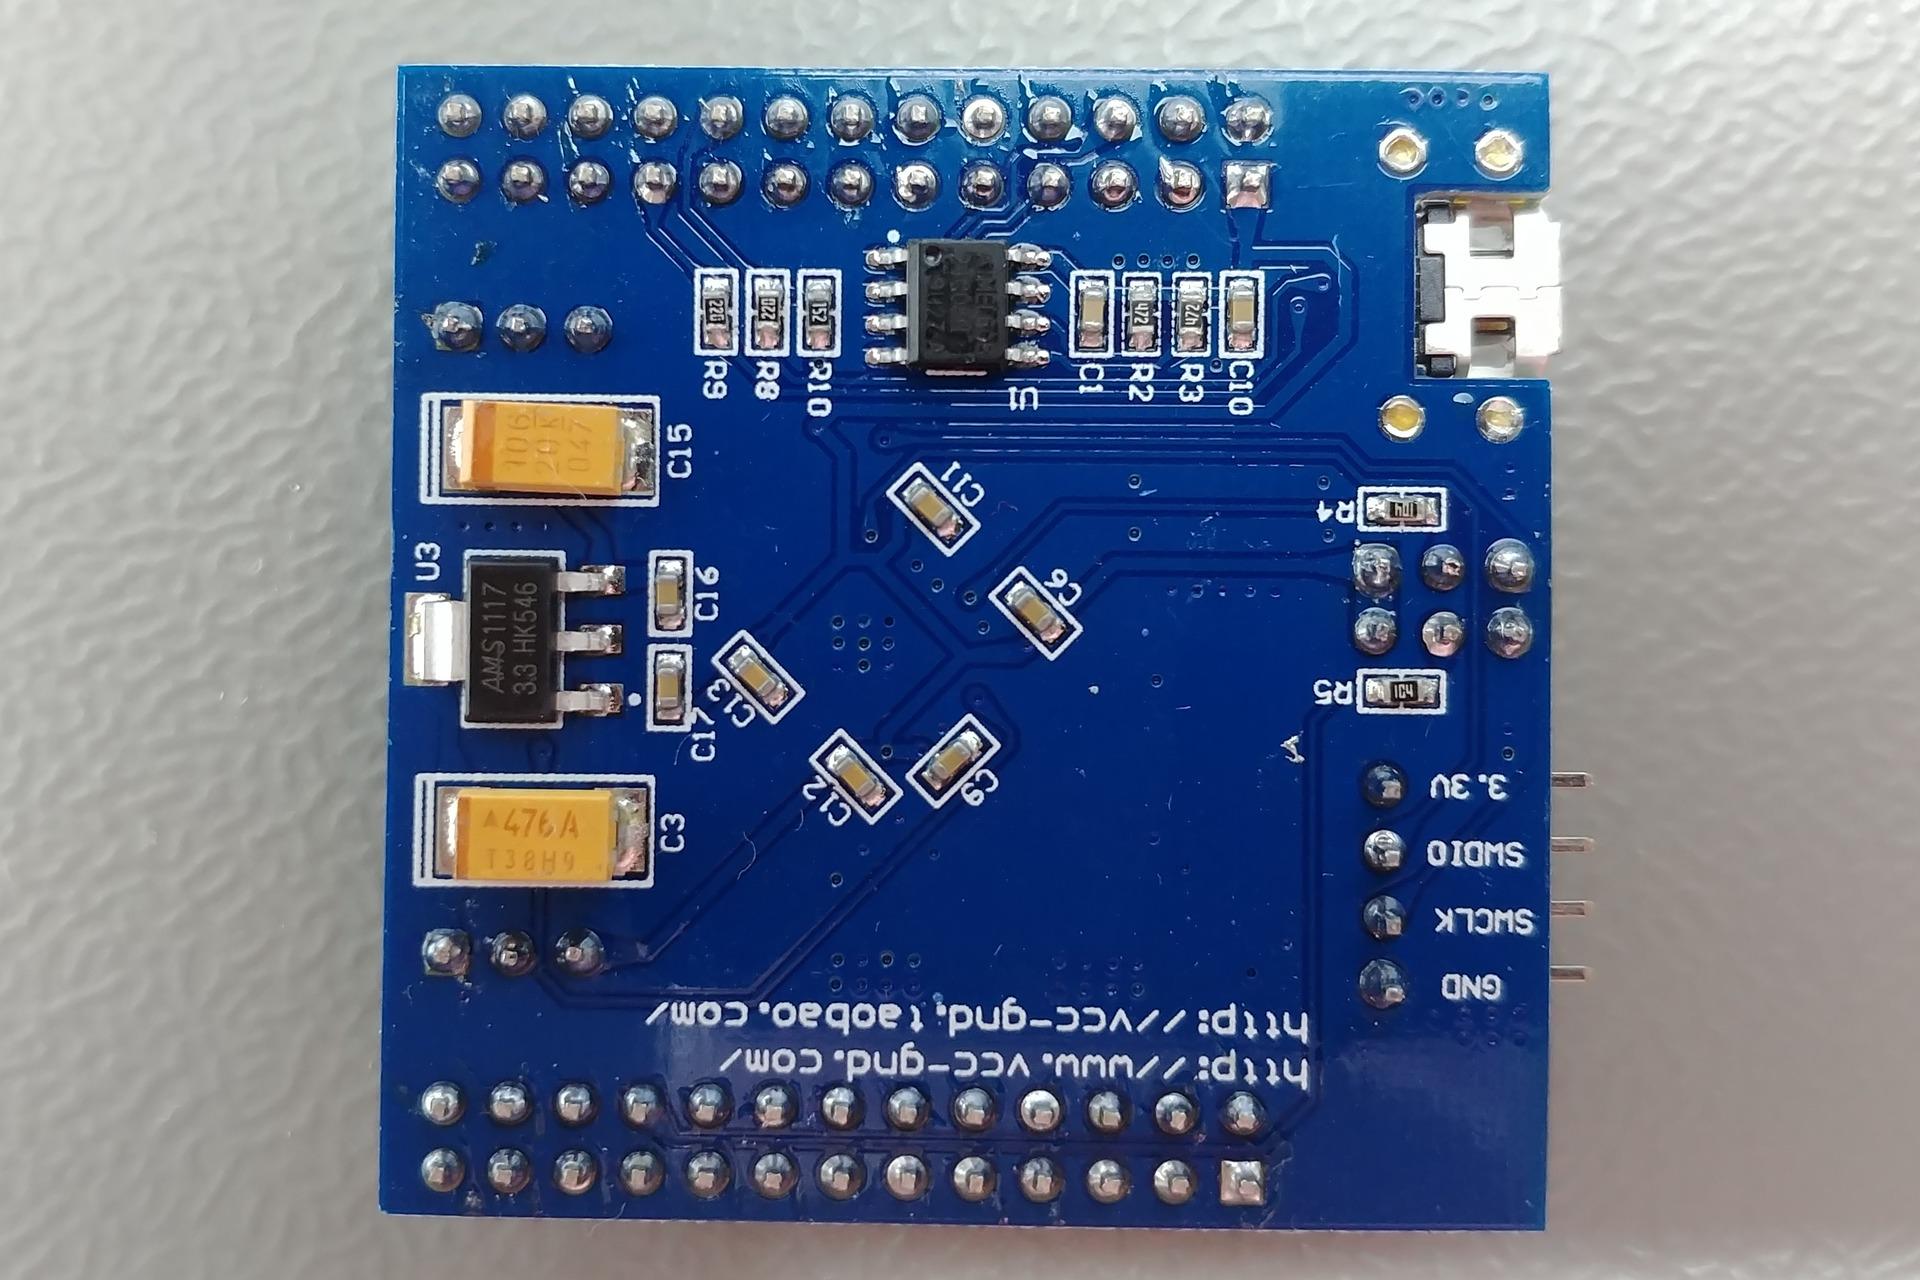 STM32F103RBT6 vcc-gnd.com Bottom view